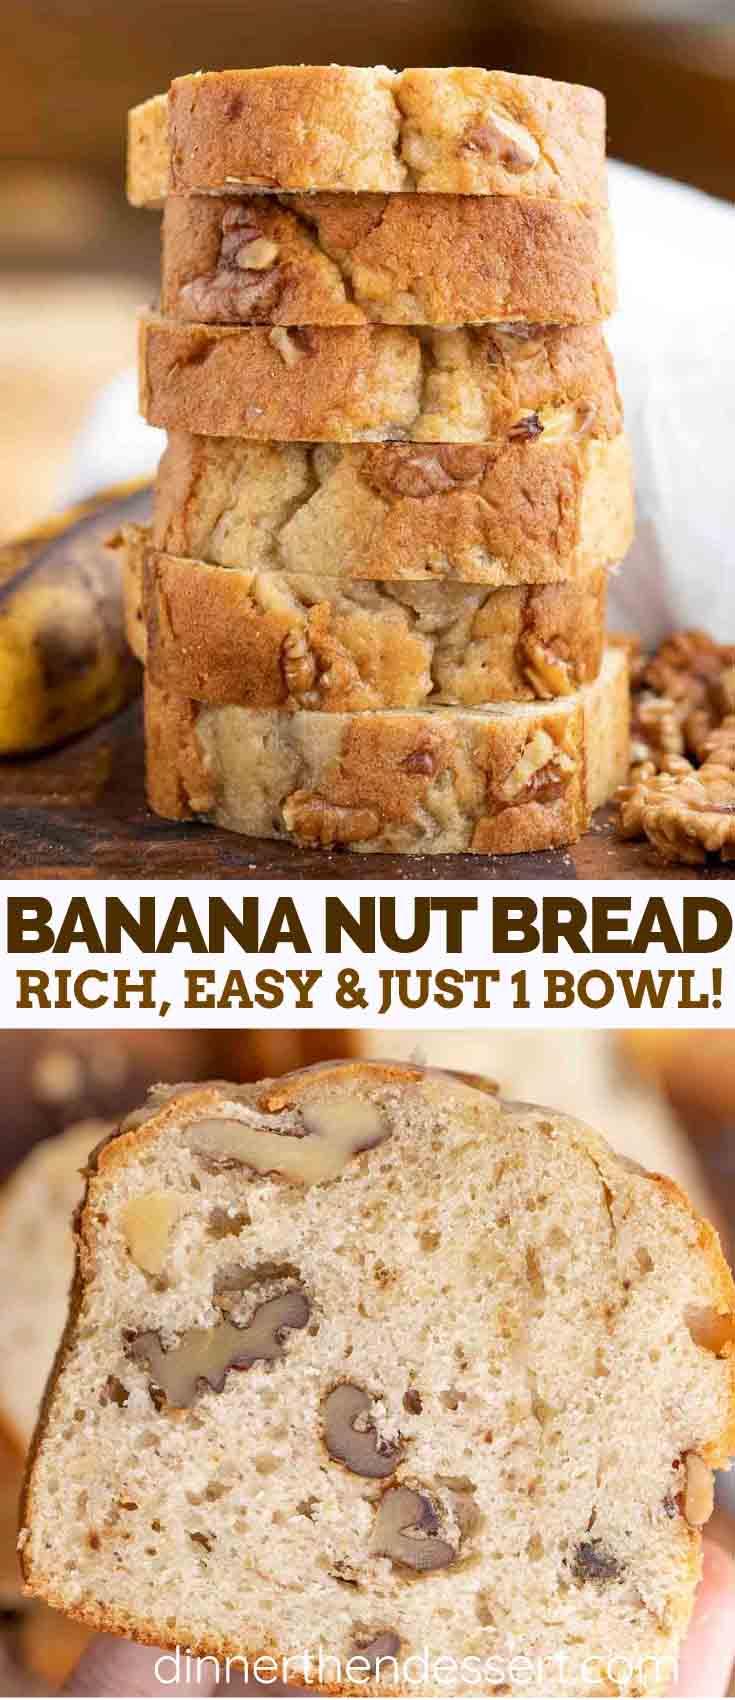 Banana Nut Bread Dinner Then Dessert